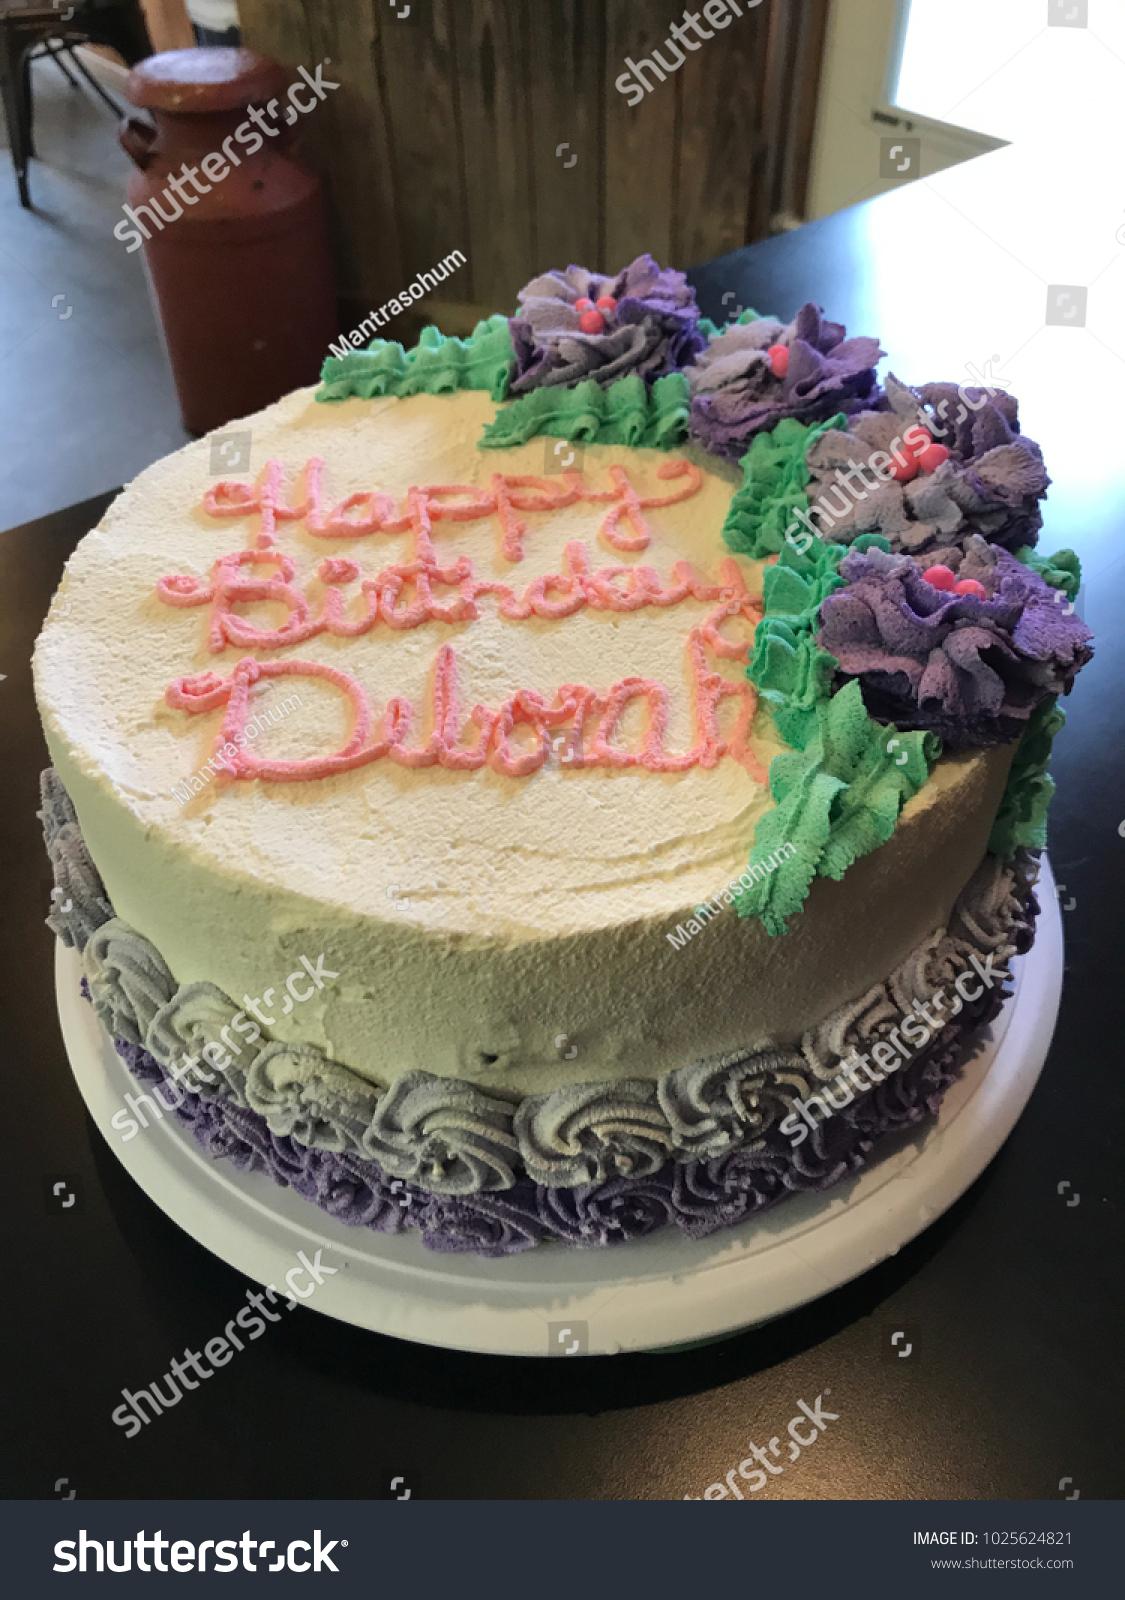 Happy Birthday Deborah Ice Cream Cake Stock Photo Edit Now 1025624821